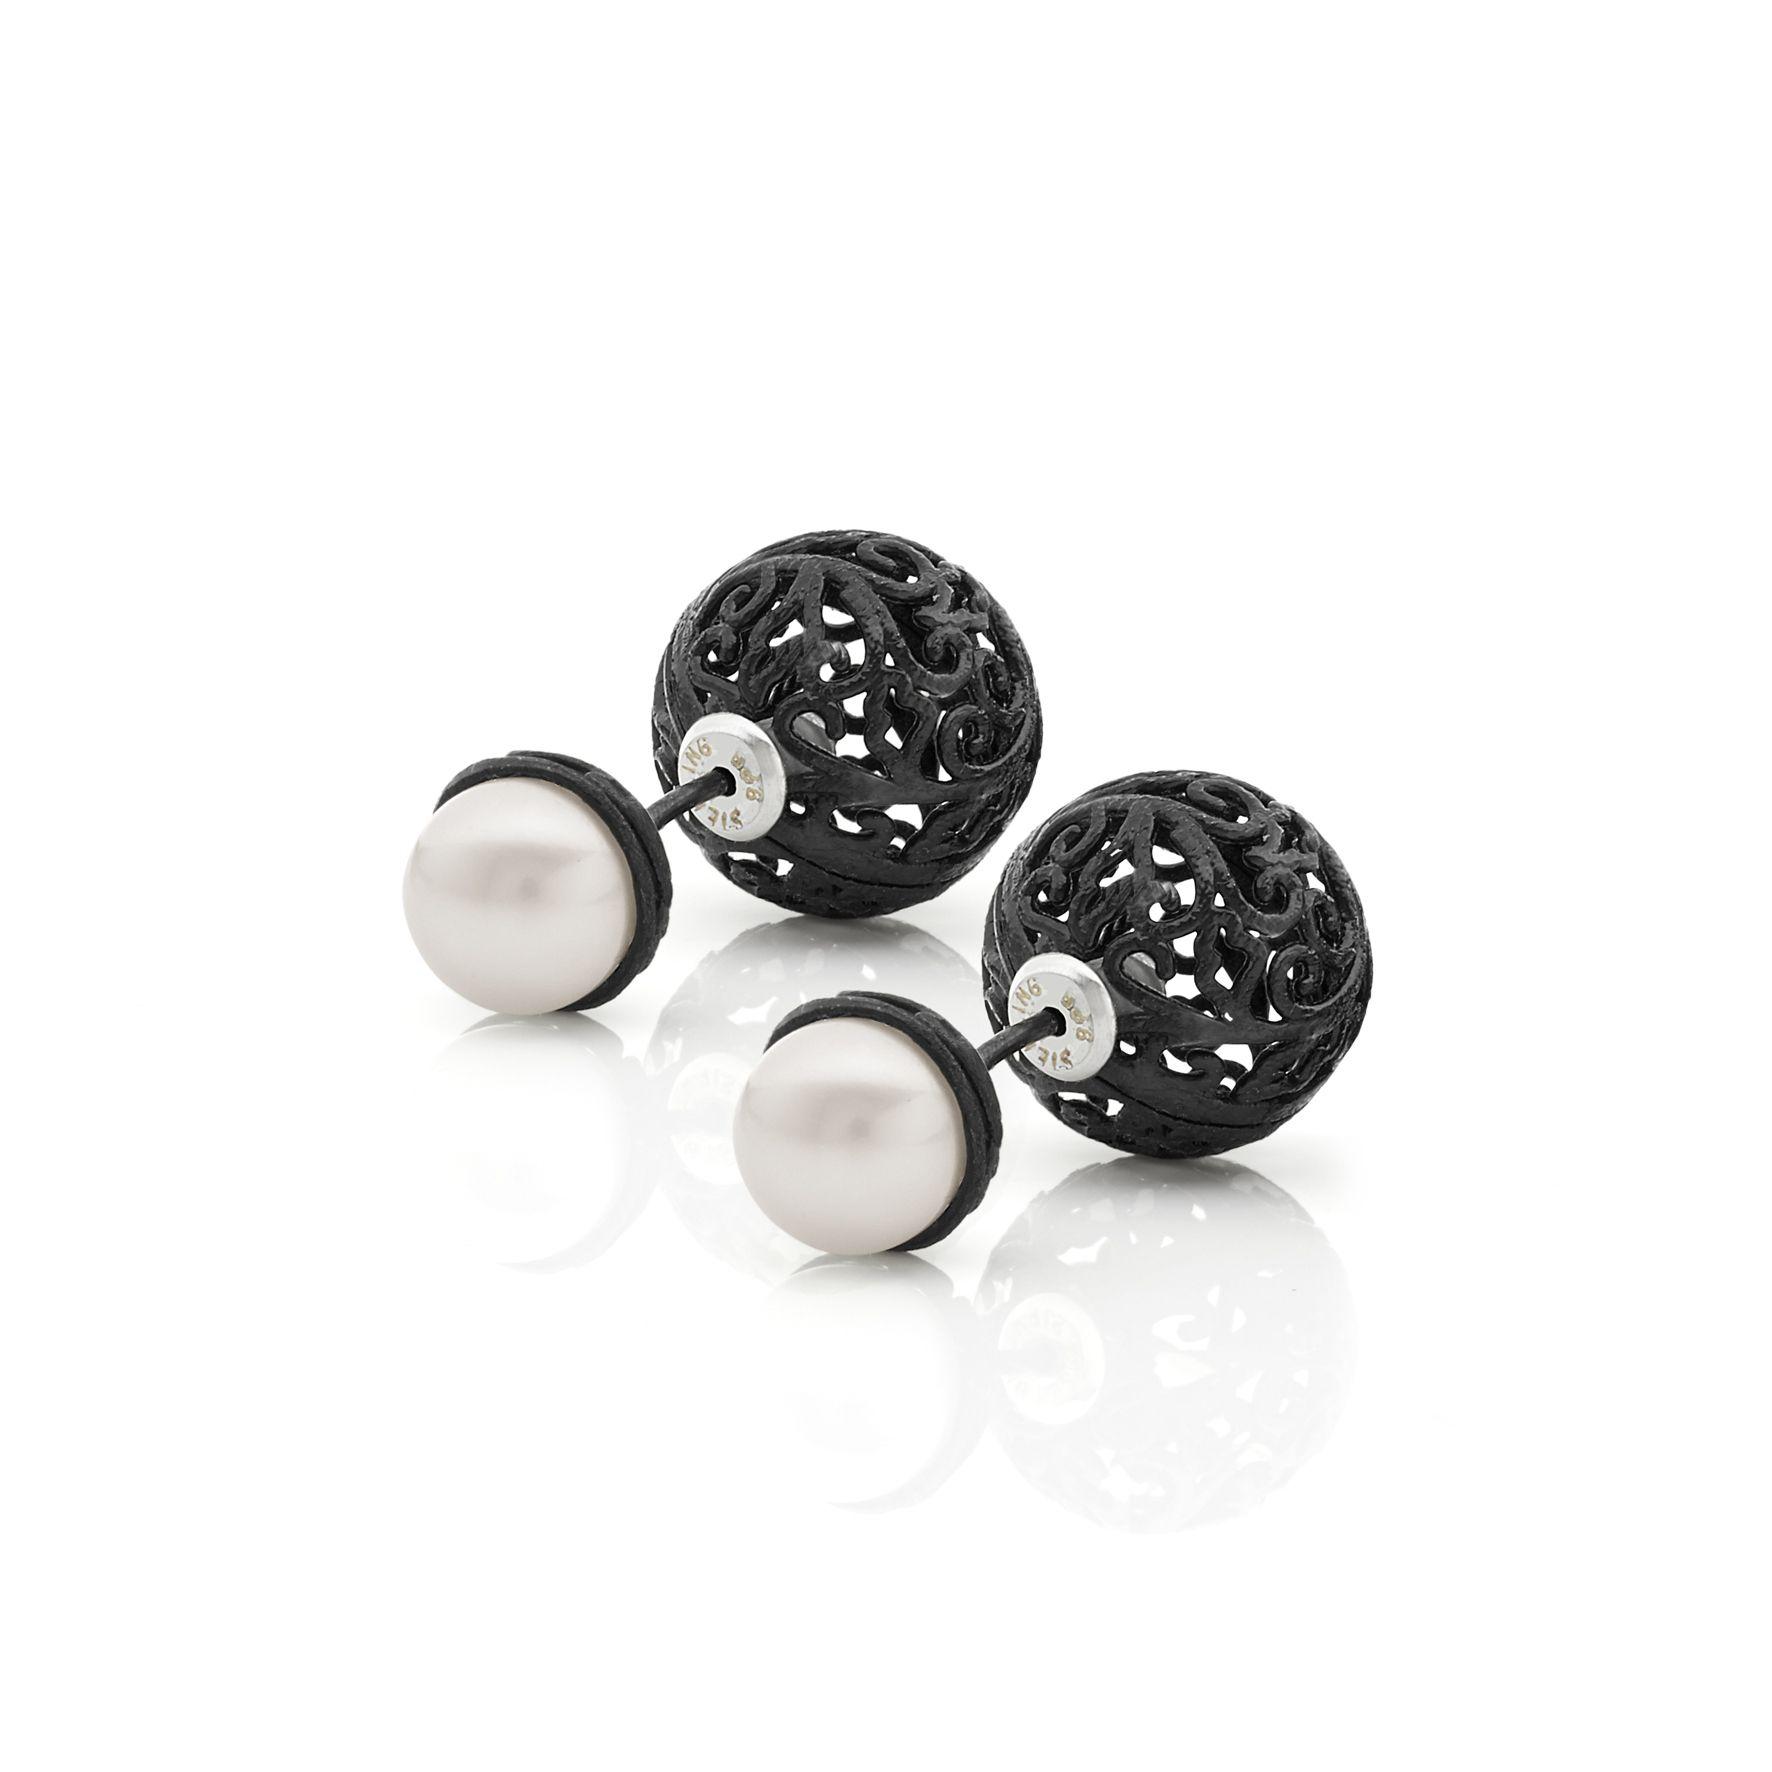 Orecchini in argento 925 con chiusura a sfera e perla d'acqua dolce.  Sterling silver earrings with sphere closure and freshwater pearl.  #Roma1947 #Italianpassion #jewels #fashion #elegance #blackandwhite